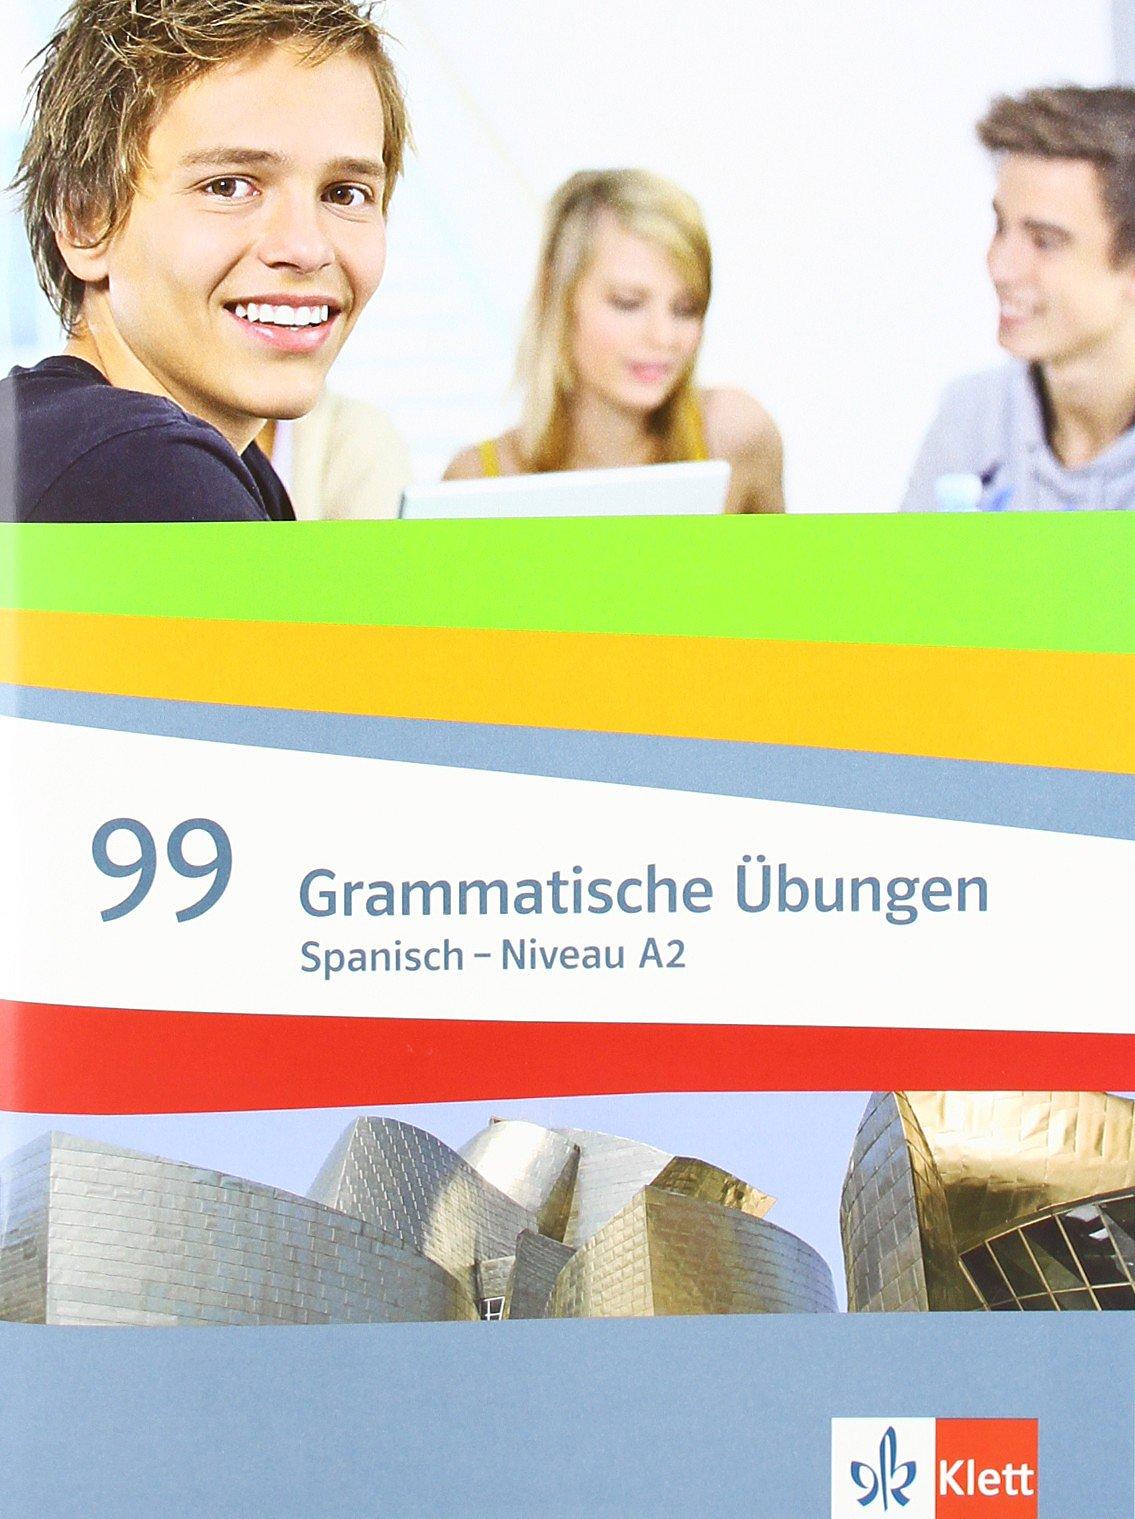 Spanisch 99 Grammatische Übungen (A2)